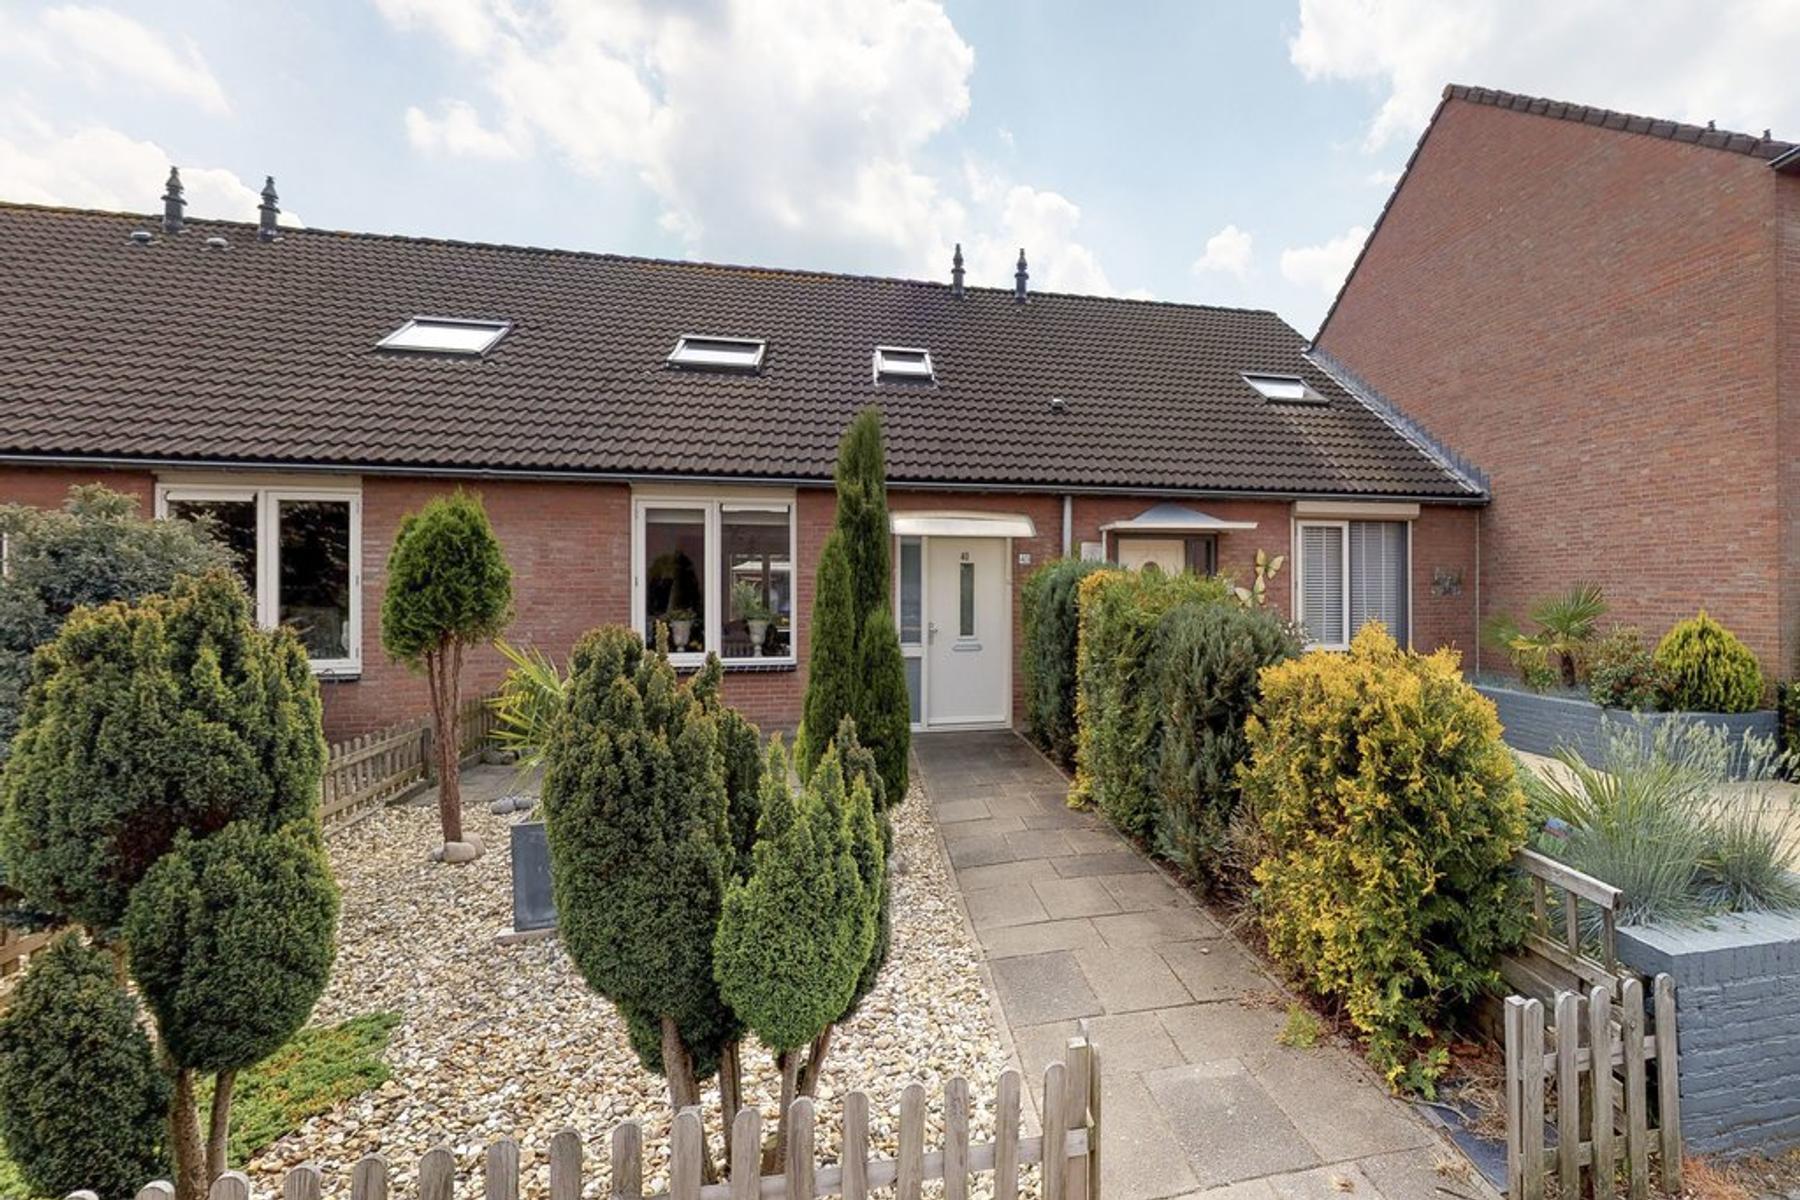 Frans Halslaan 40 in Oosterhout 4907 PX